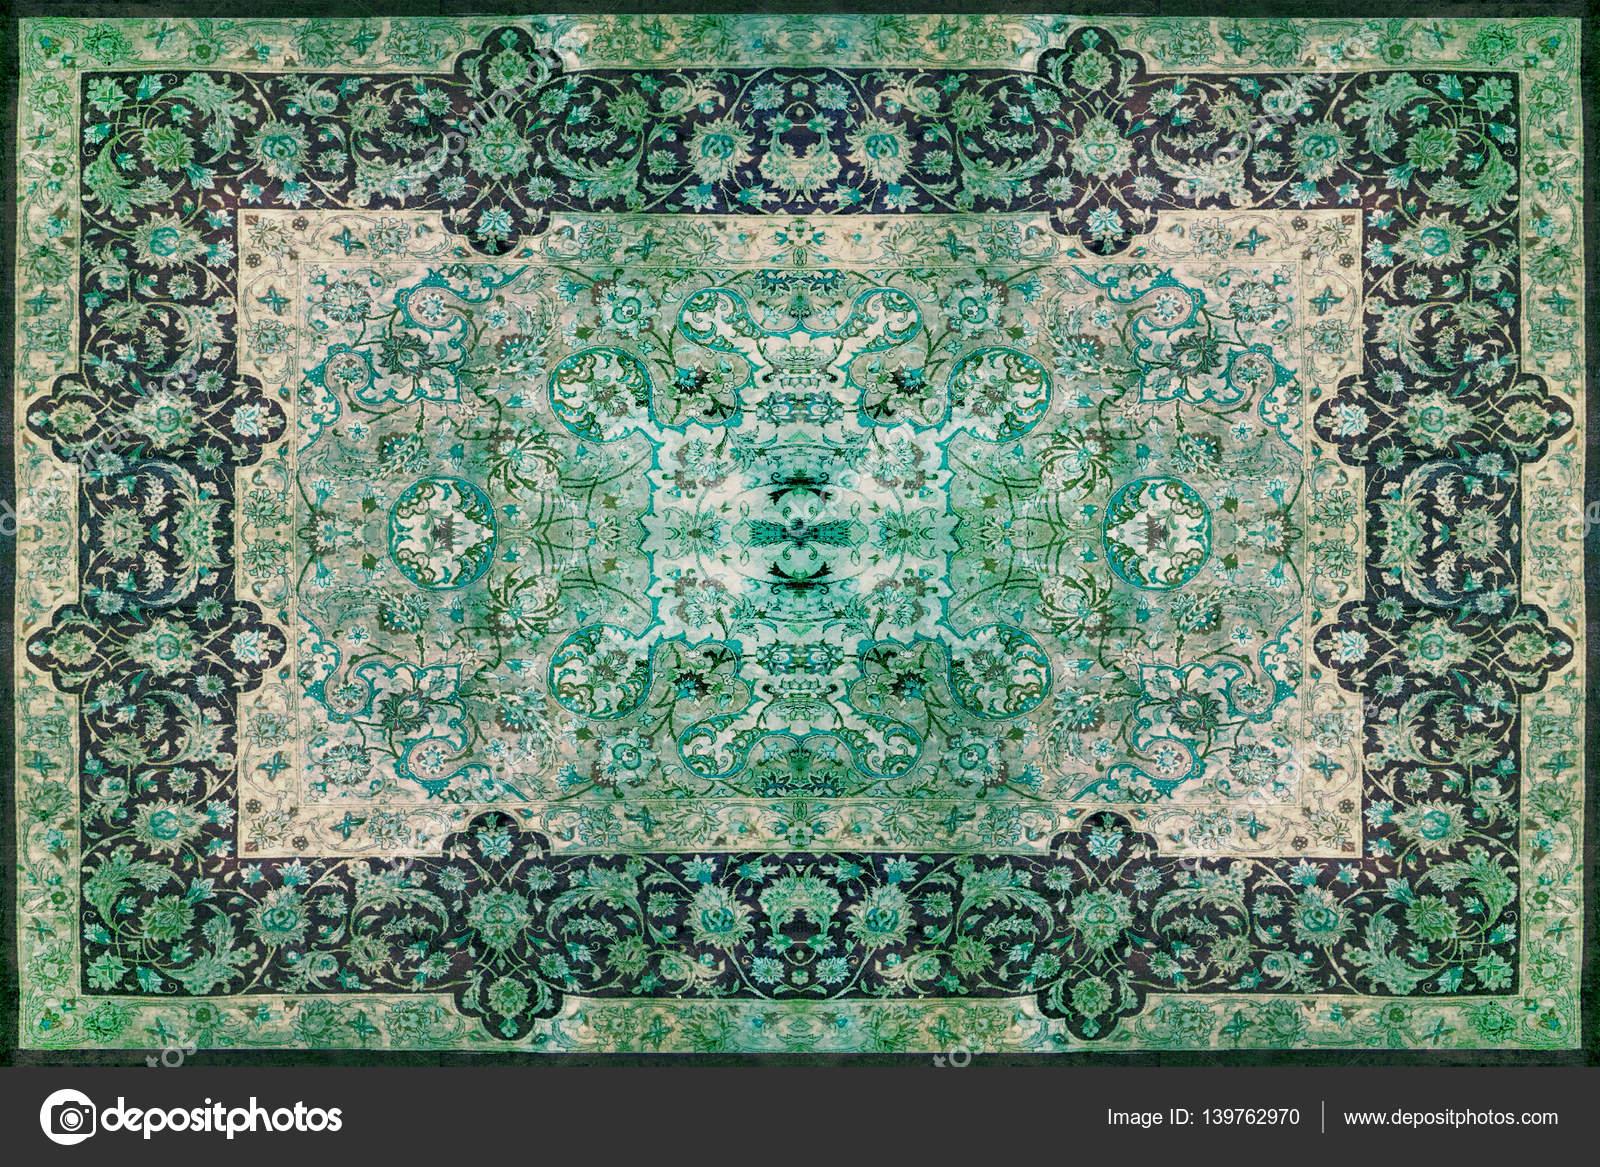 Teppich design textur  Teppich Textur, abstrakten Ornament. Runde Mandala-Muster, Middle ...